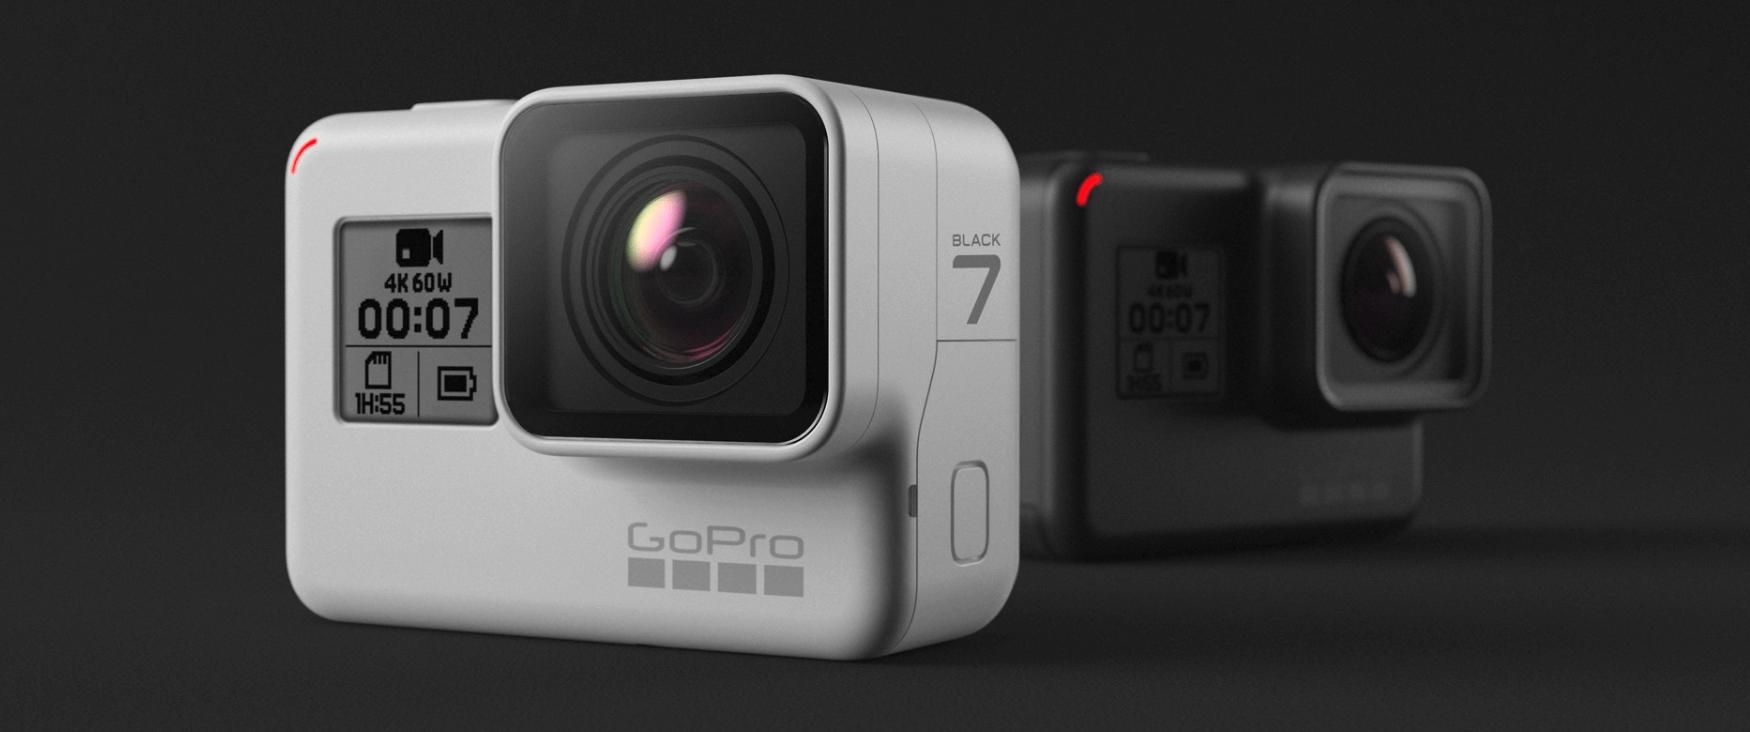 GoPro HERO7 Black Dusk White色